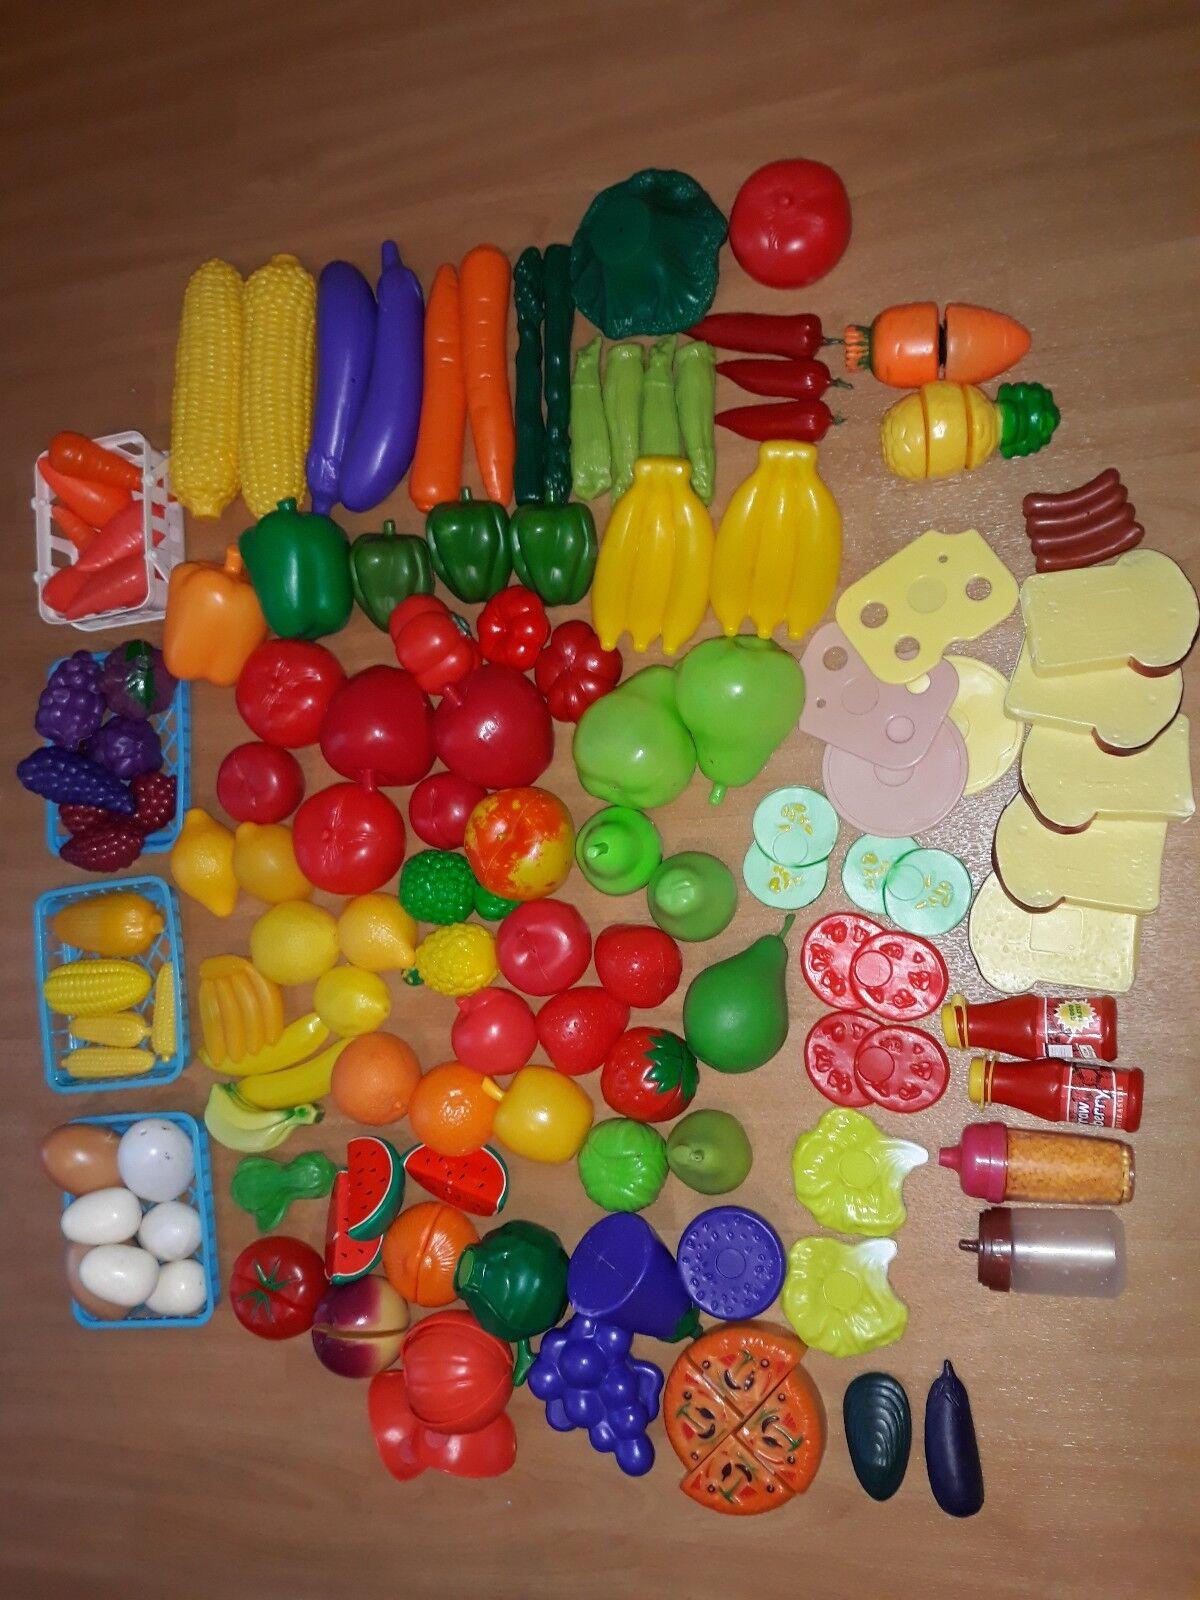 Kaufladen Zubehör, Zubehör für Kinder Küche - Obst und Gemüse